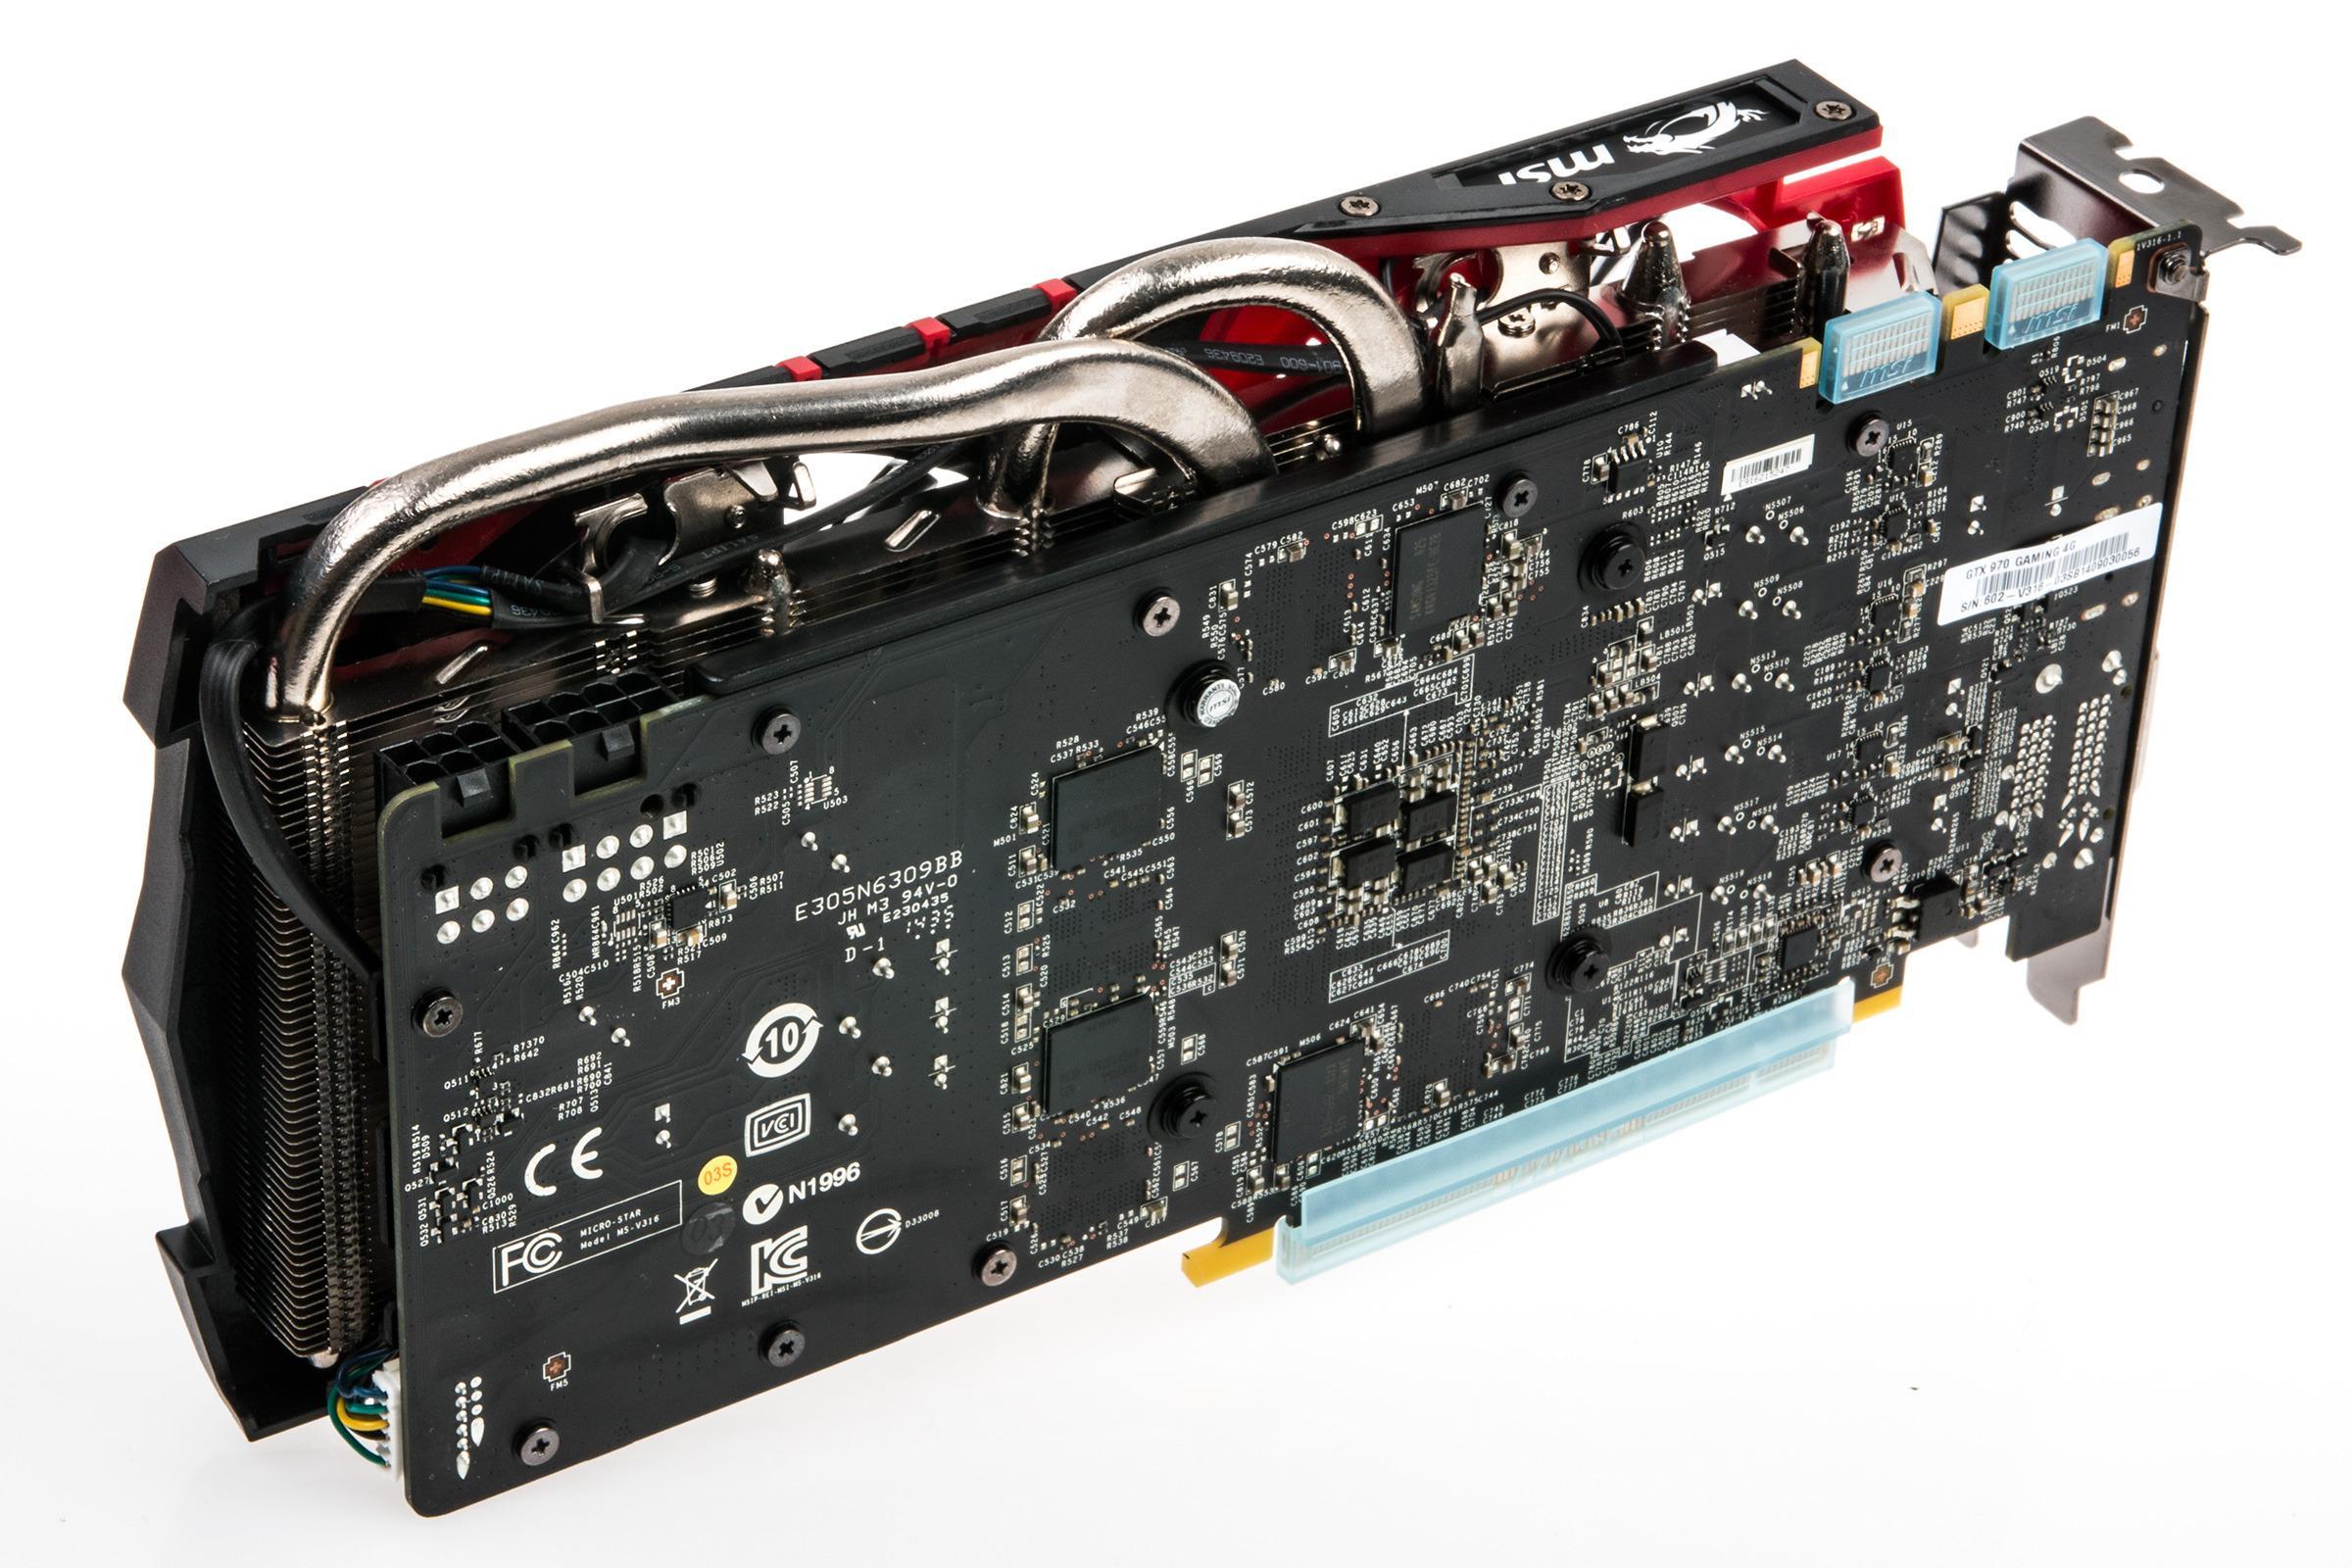 Bakerst på MSIs nye GeForce GTX 970 står det en 6-pins og en 8-pins strømkontakt.Foto: Varg Aamo, Tek.no